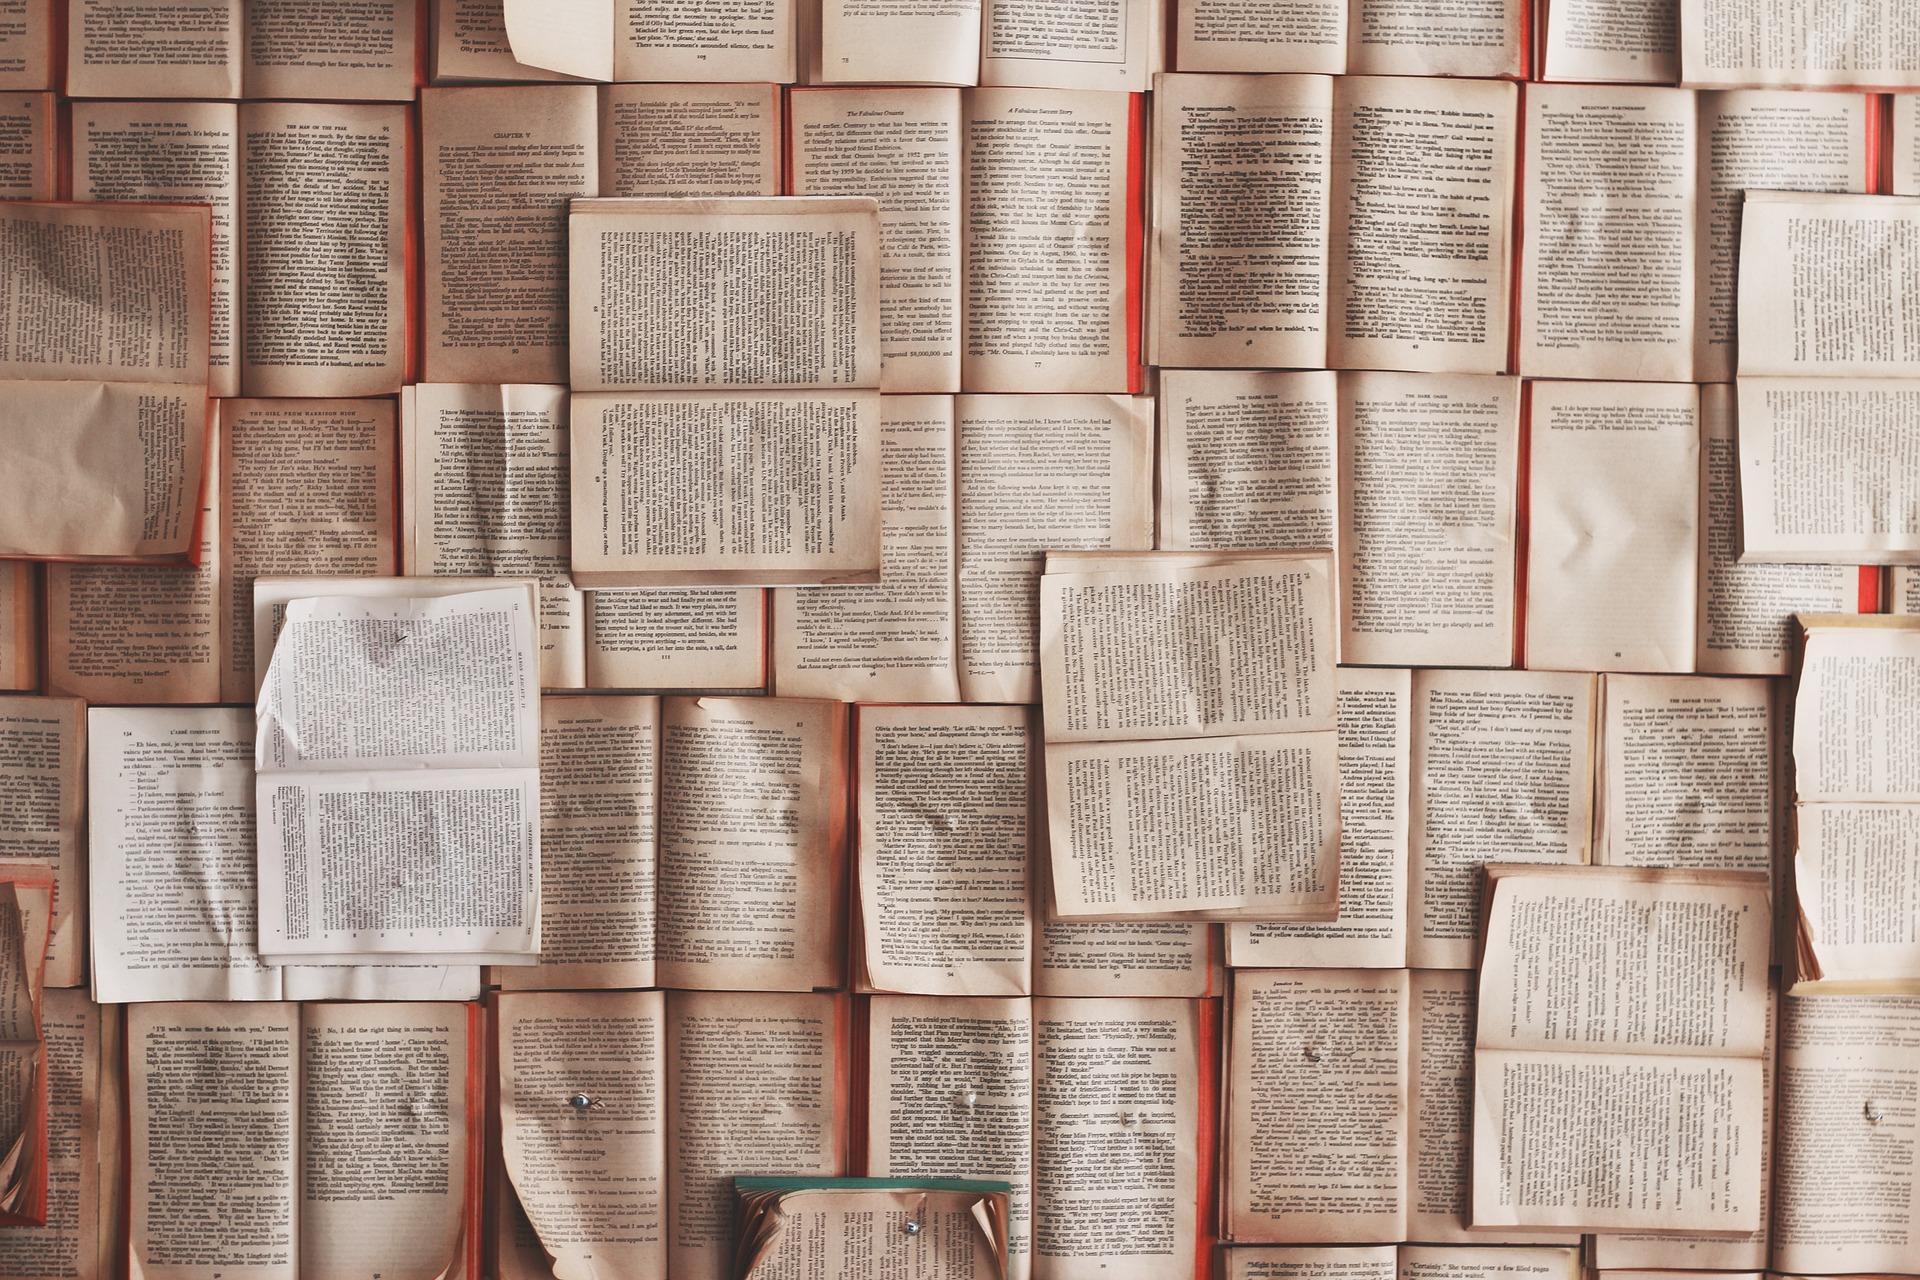 Många böcker uppslagna och uppspikade på en vägg så det är det enda som syns